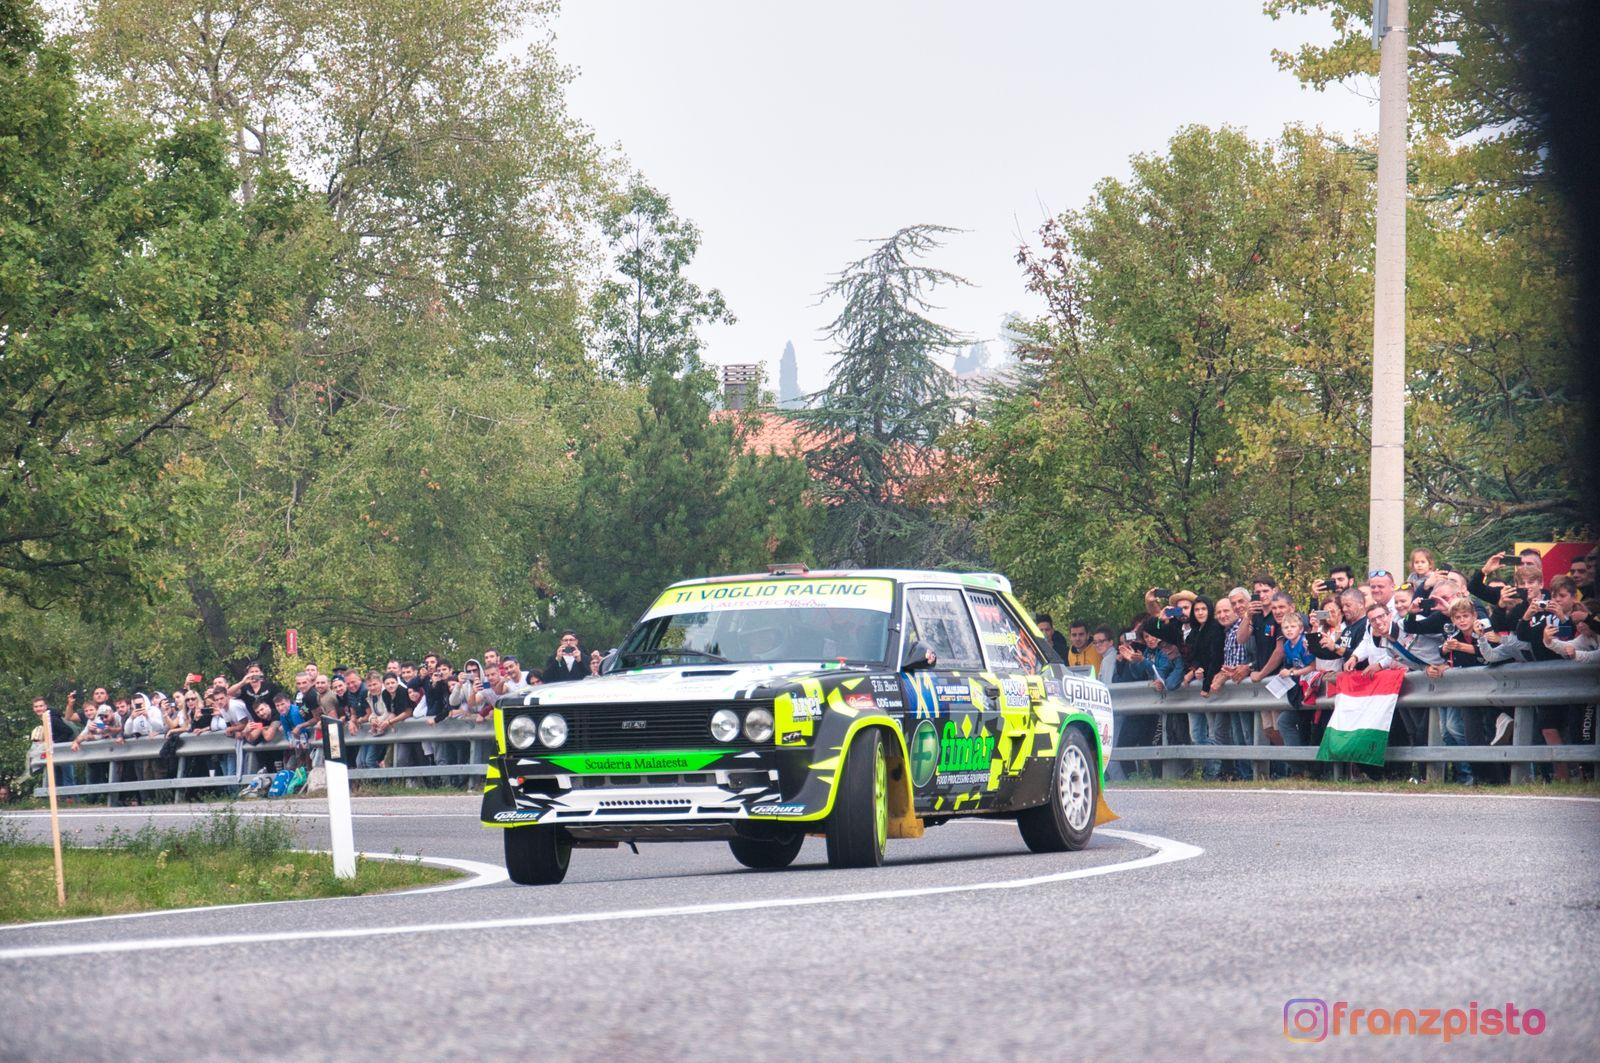 foto rallylegend 2019